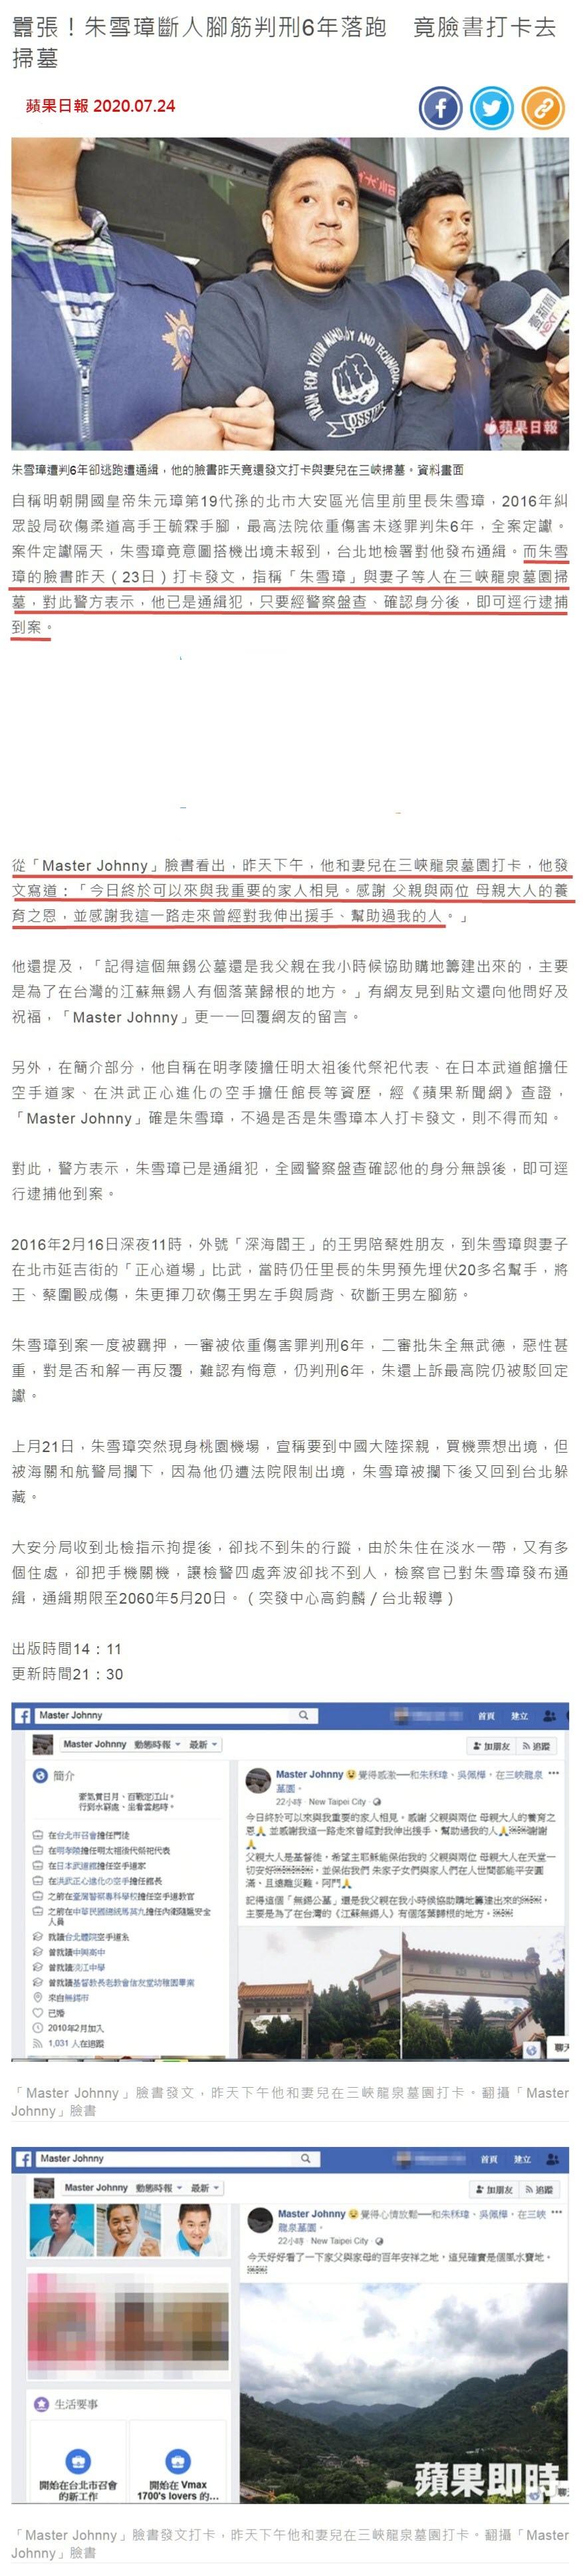 囂張!朱雪璋斷人腳筋判刑6年落跑 竟臉書打卡去掃墓 - 蘋果日報 - 2020.07.24.jpg